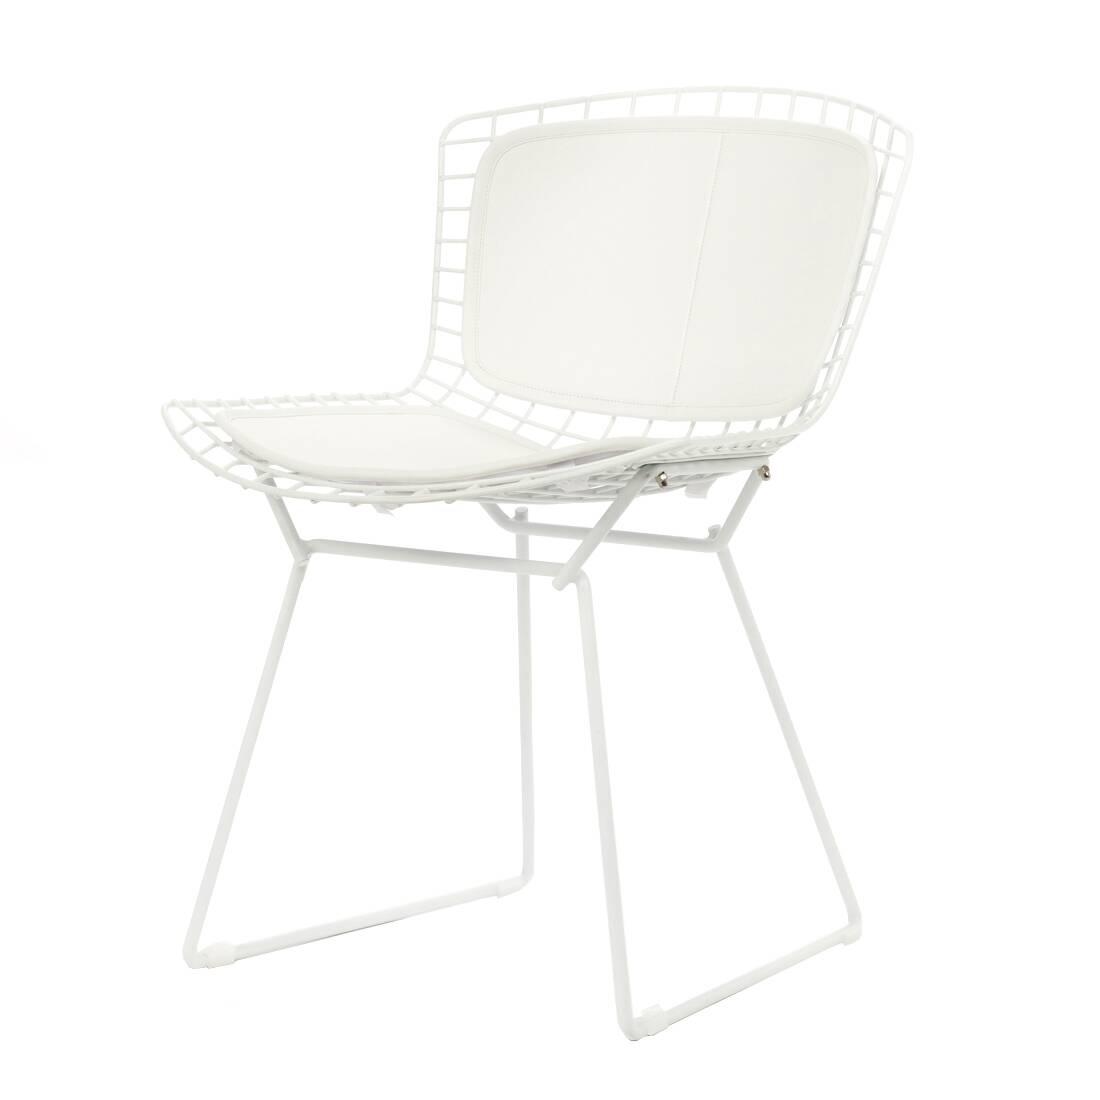 Стул Bertoia Side кожаный PremiumИнтерьерные<br>Дизайнерский креативный стул Bertoia Side Premium (Бертола Сайд Премиум) из металлических прутьев с кожаным сиденьем и спинкой от Cosmo (Космо).<br><br> Стул Bertoia Side кожаный Premium разработан в 1952 году дизайнером Гарри Бертойей и был частью его коллекции. Это икона современного дизайна середины прошлого века. <br><br><br>     Филигранные и хрупкие на вид, эти удобные и просторные стулья изготовлены из стальных стержней. В своем творчестве Бертойя экспериментировал с металлическими формами, и эт...<br><br>stock: 0<br>Высота: 74<br>Высота сиденья: 44<br>Ширина: 52,5<br>Глубина: 58<br>Тип материала каркаса: Сталь нержавеющя<br>Цвет сидения: Белый<br>Тип материала сидения: Кожа<br>Коллекция ткани: Standart Leather<br>Цвет каркаса: Белый